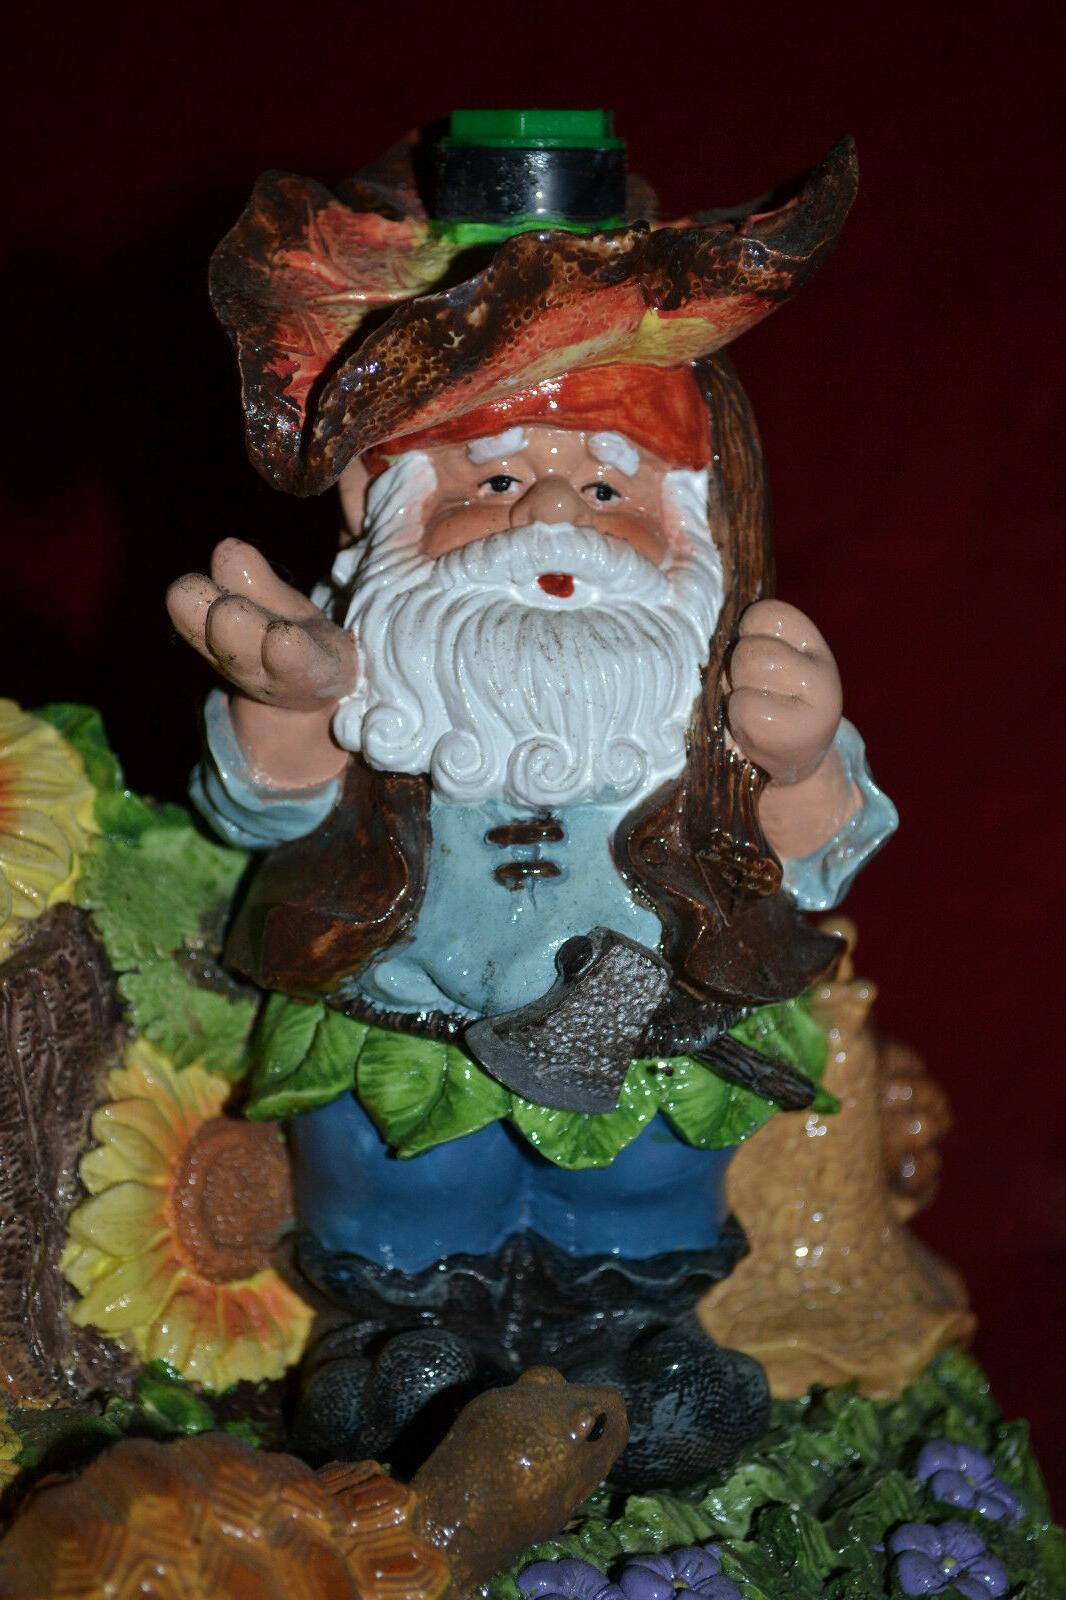 Decorative Gnome Soaker Outdoor NEW